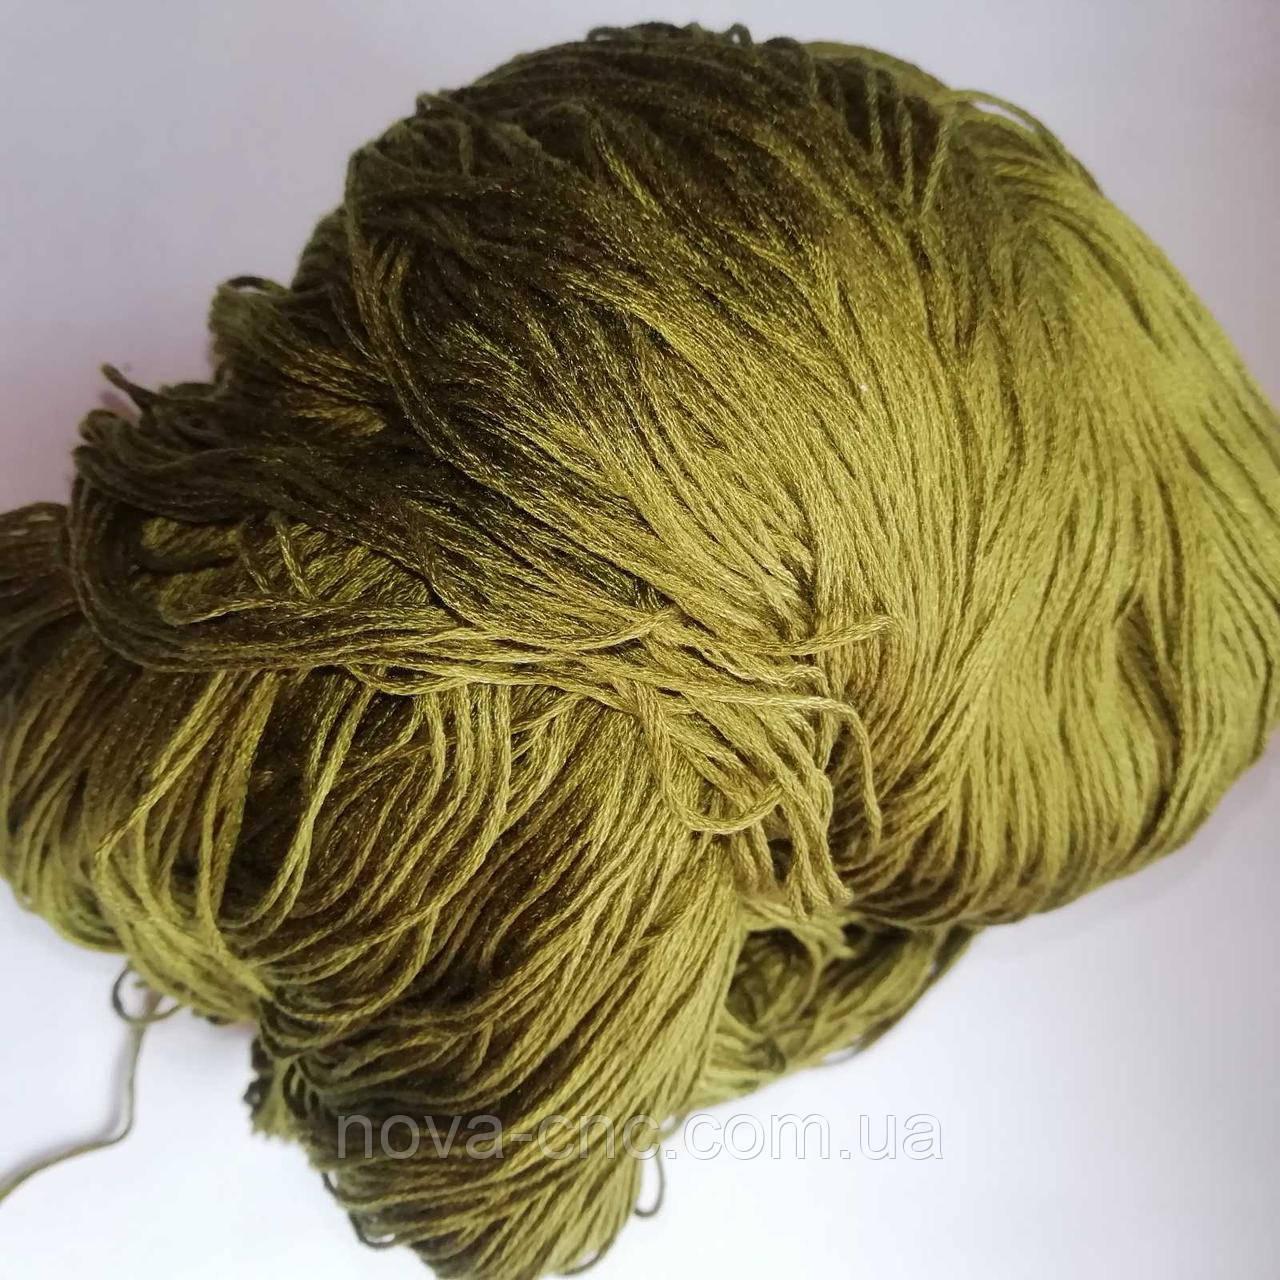 Нитки  Мулине Цвет  хаки упаковка 250 грамм